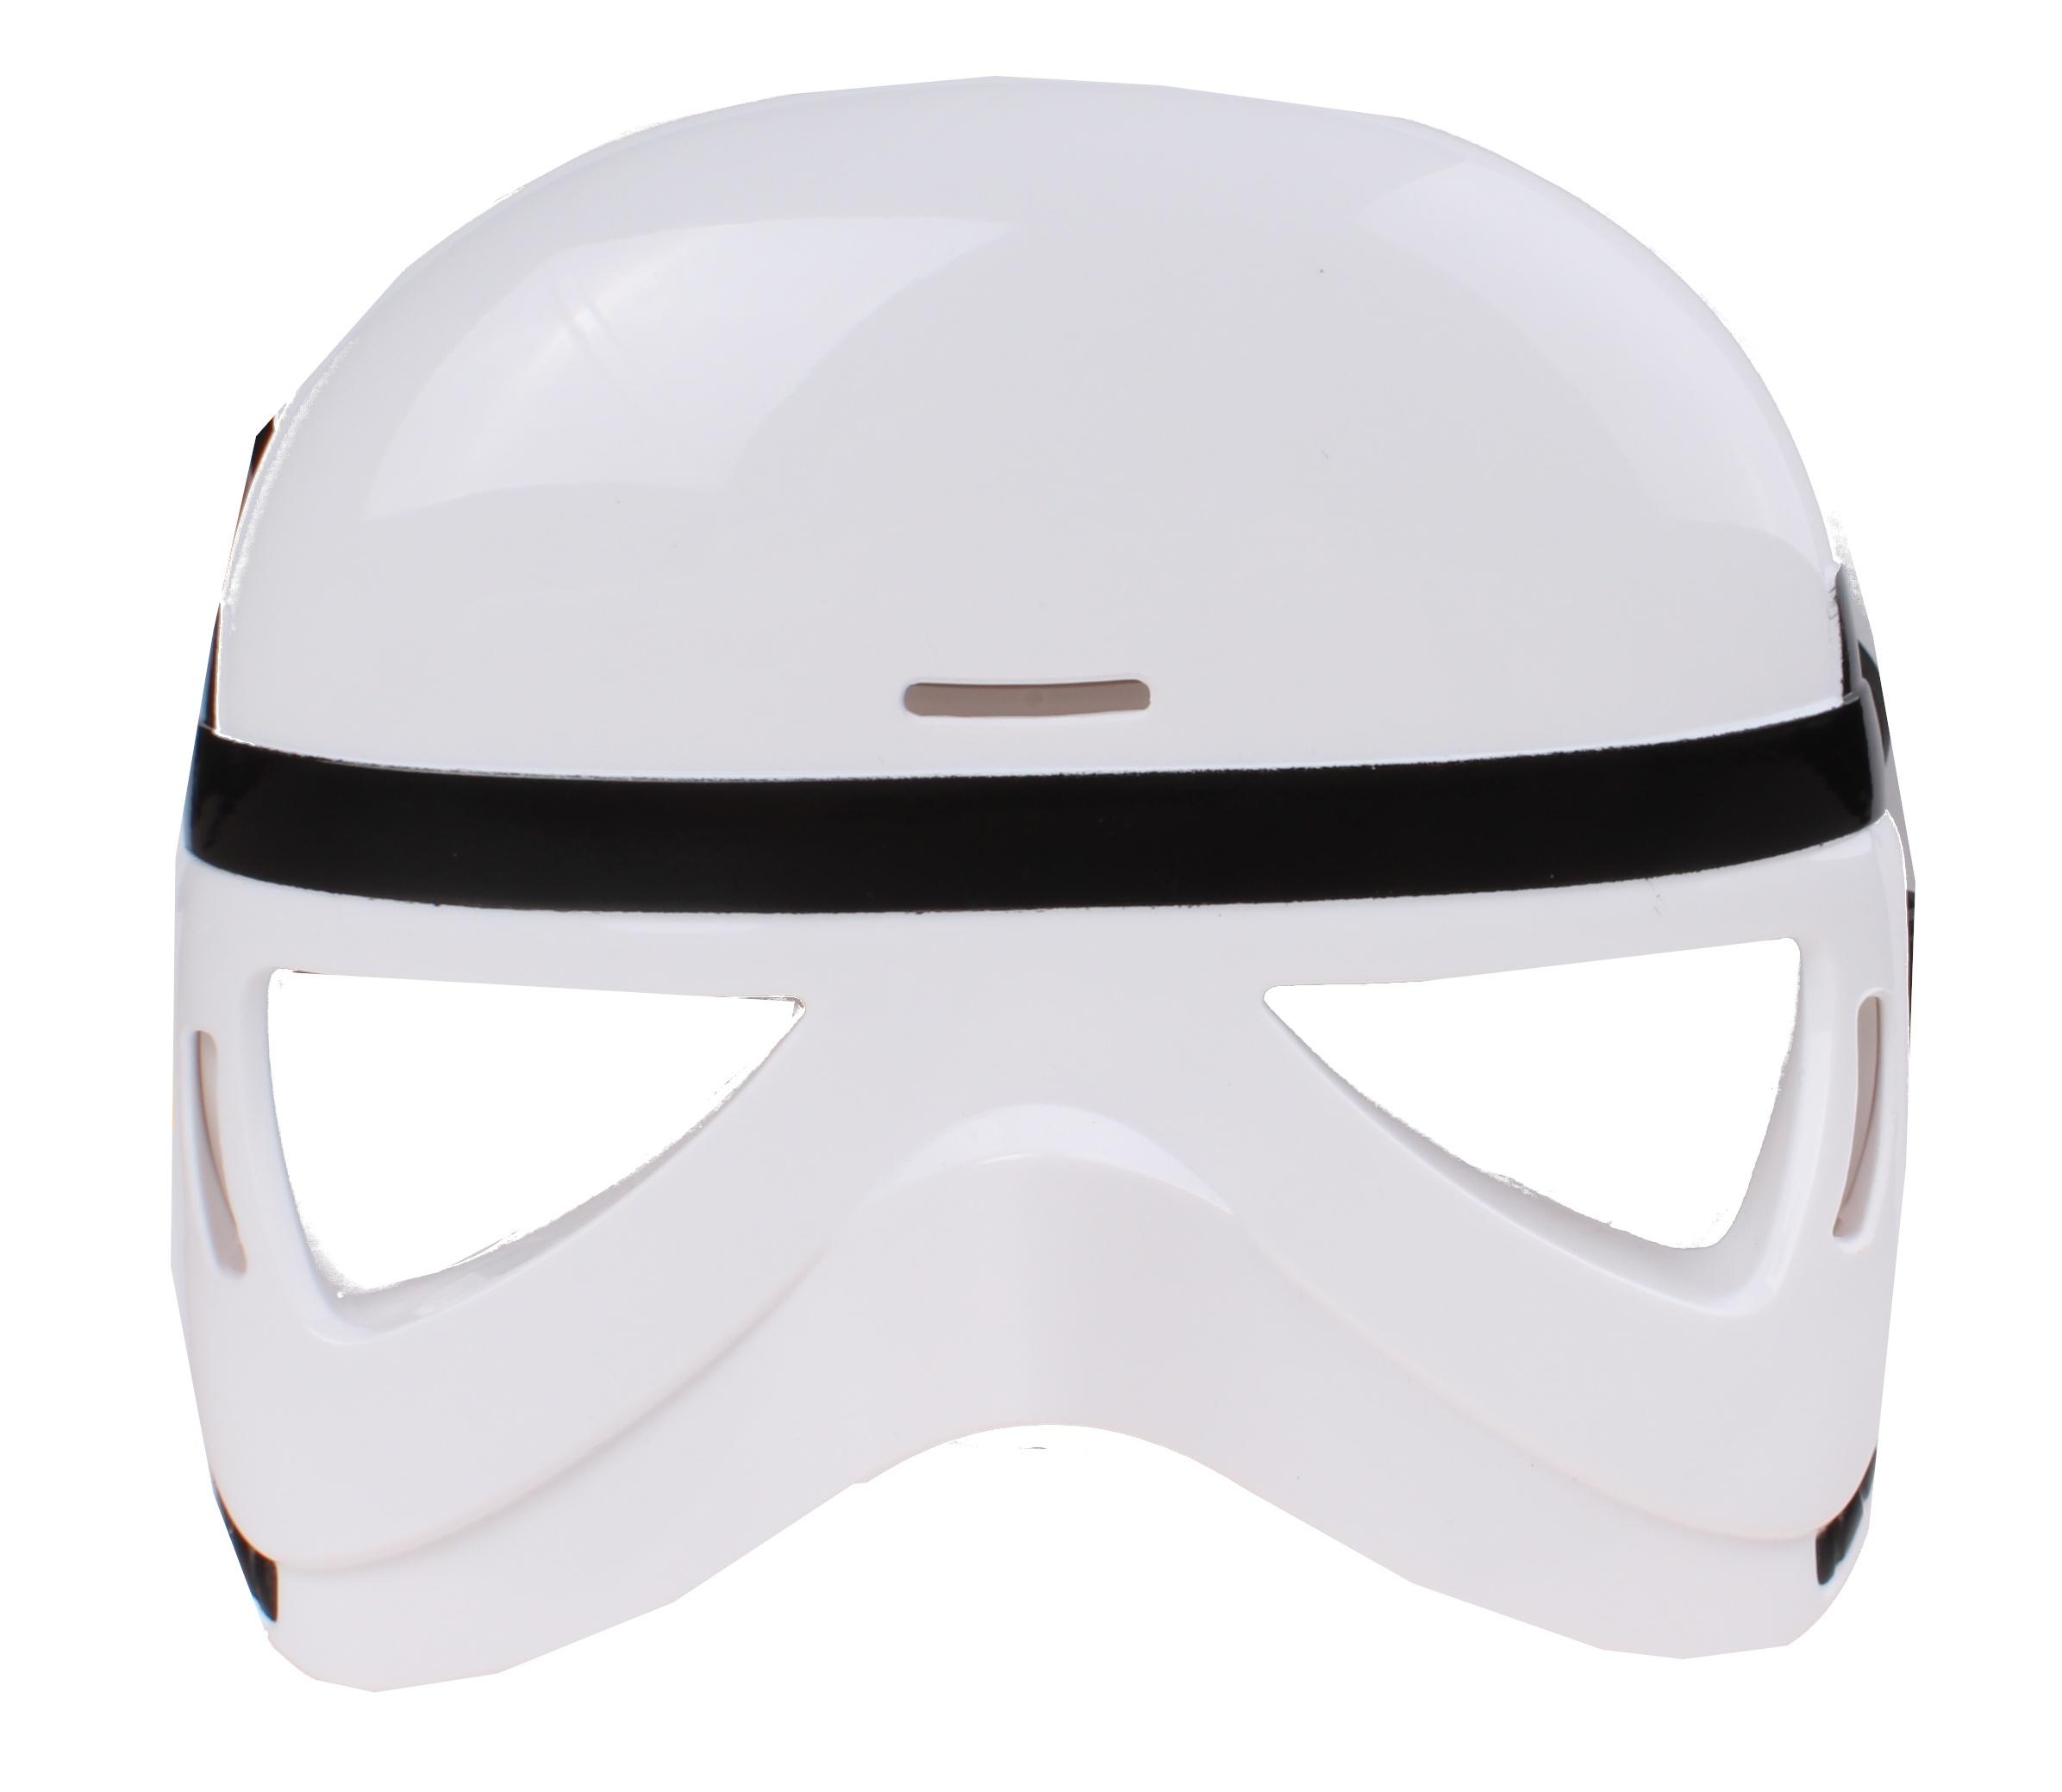 e72cfd5c1dd Kamparo swimming goggles Star Wars white - Internet-Toys